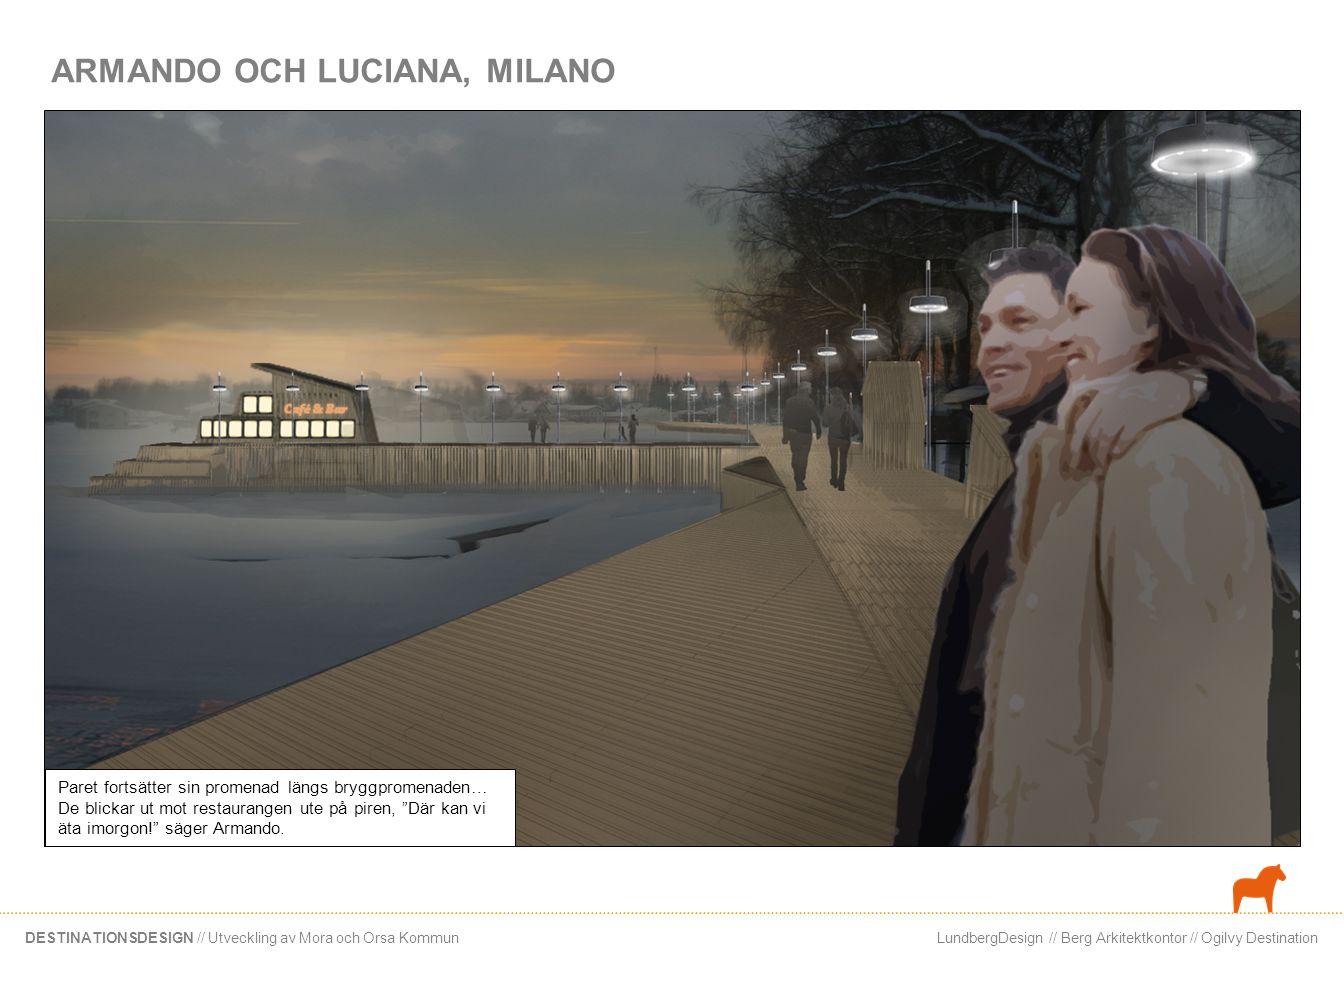 LundbergDesign // Berg Arkitektkontor // Ogilvy DestinationDESTINATIONSDESIGN // Utveckling av Mora och Orsa Kommun Story 3 Syfte: Visa olika upplevelsemöjligheter Siljan, enligt de 4 typerna Kompisgäng i 20-årsåldern.